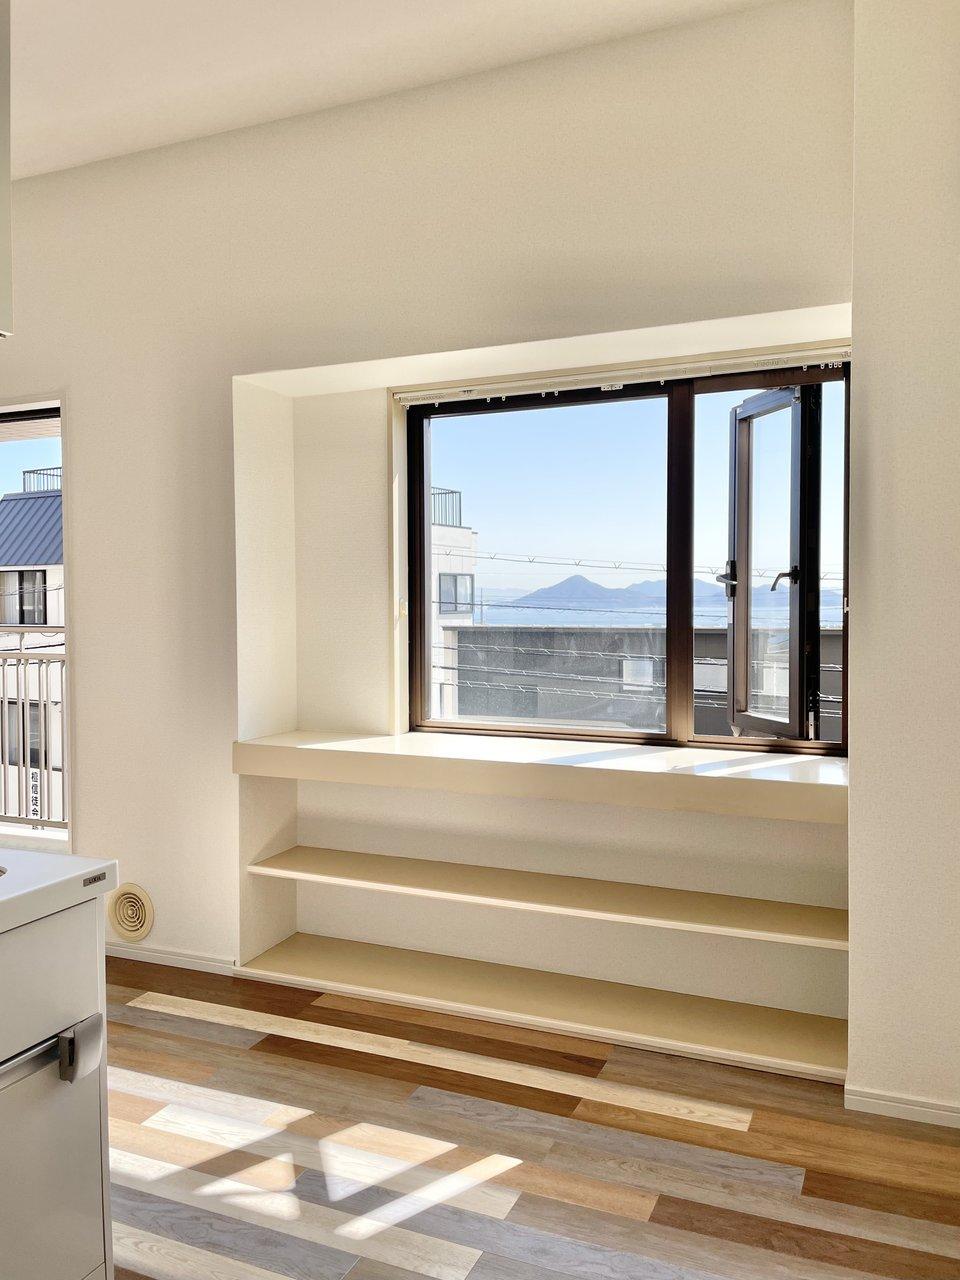 キッチンの近くには、海が見える素敵な出窓。絵になります。素敵な器を並べて自分だけのギャラリーにしたい。